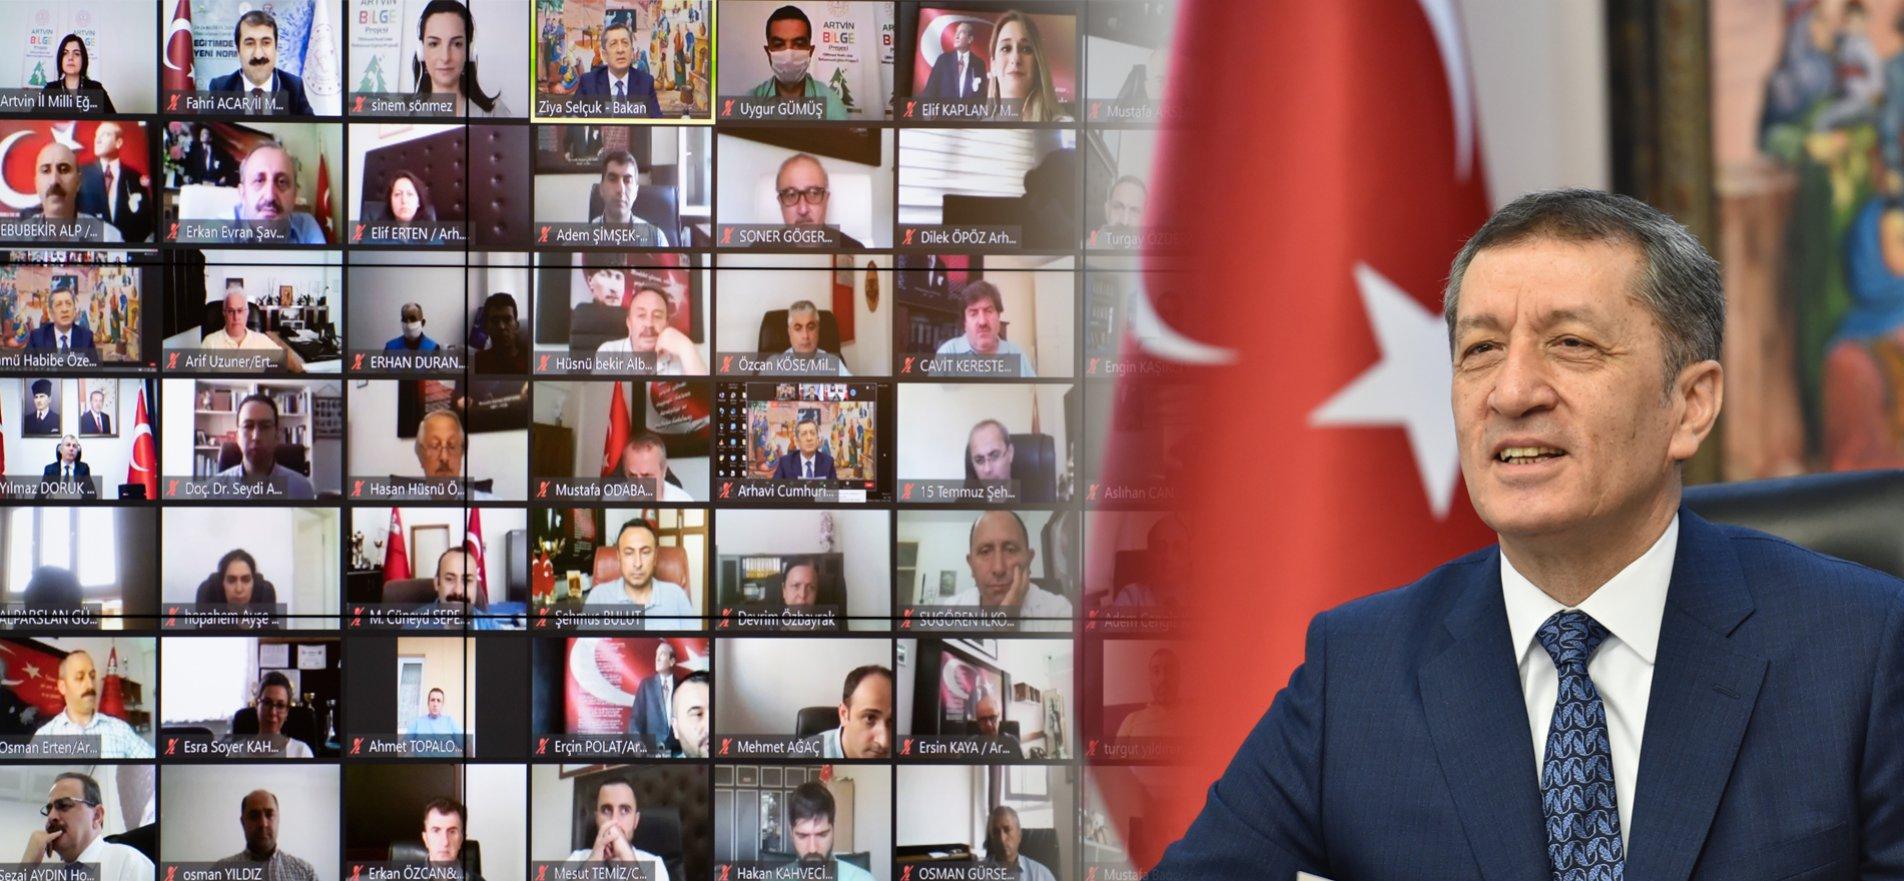 Türk Milli Eğitiminde gerçek bir 'başarı hikâyesine' ihtiyaç var